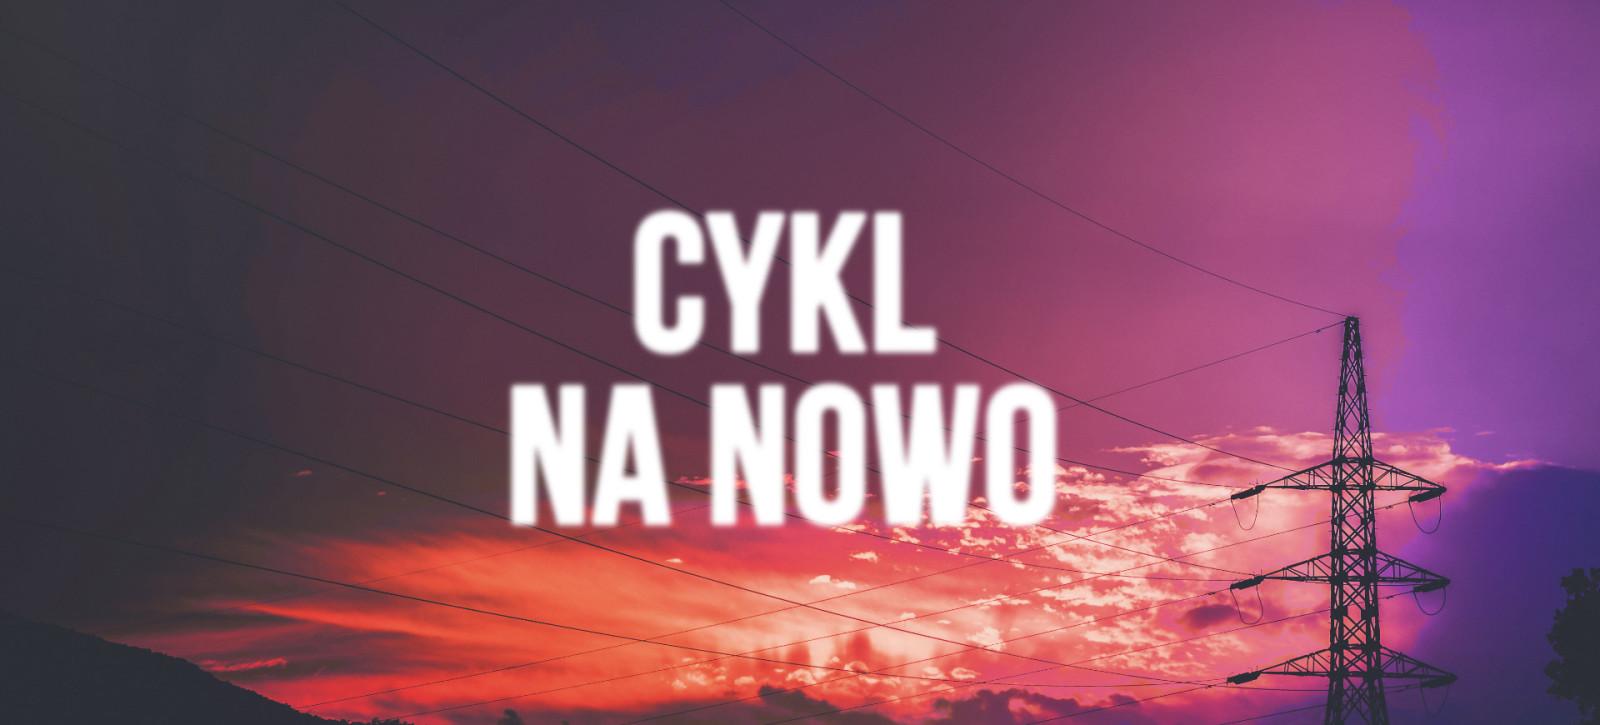 CYKL_na_nowo